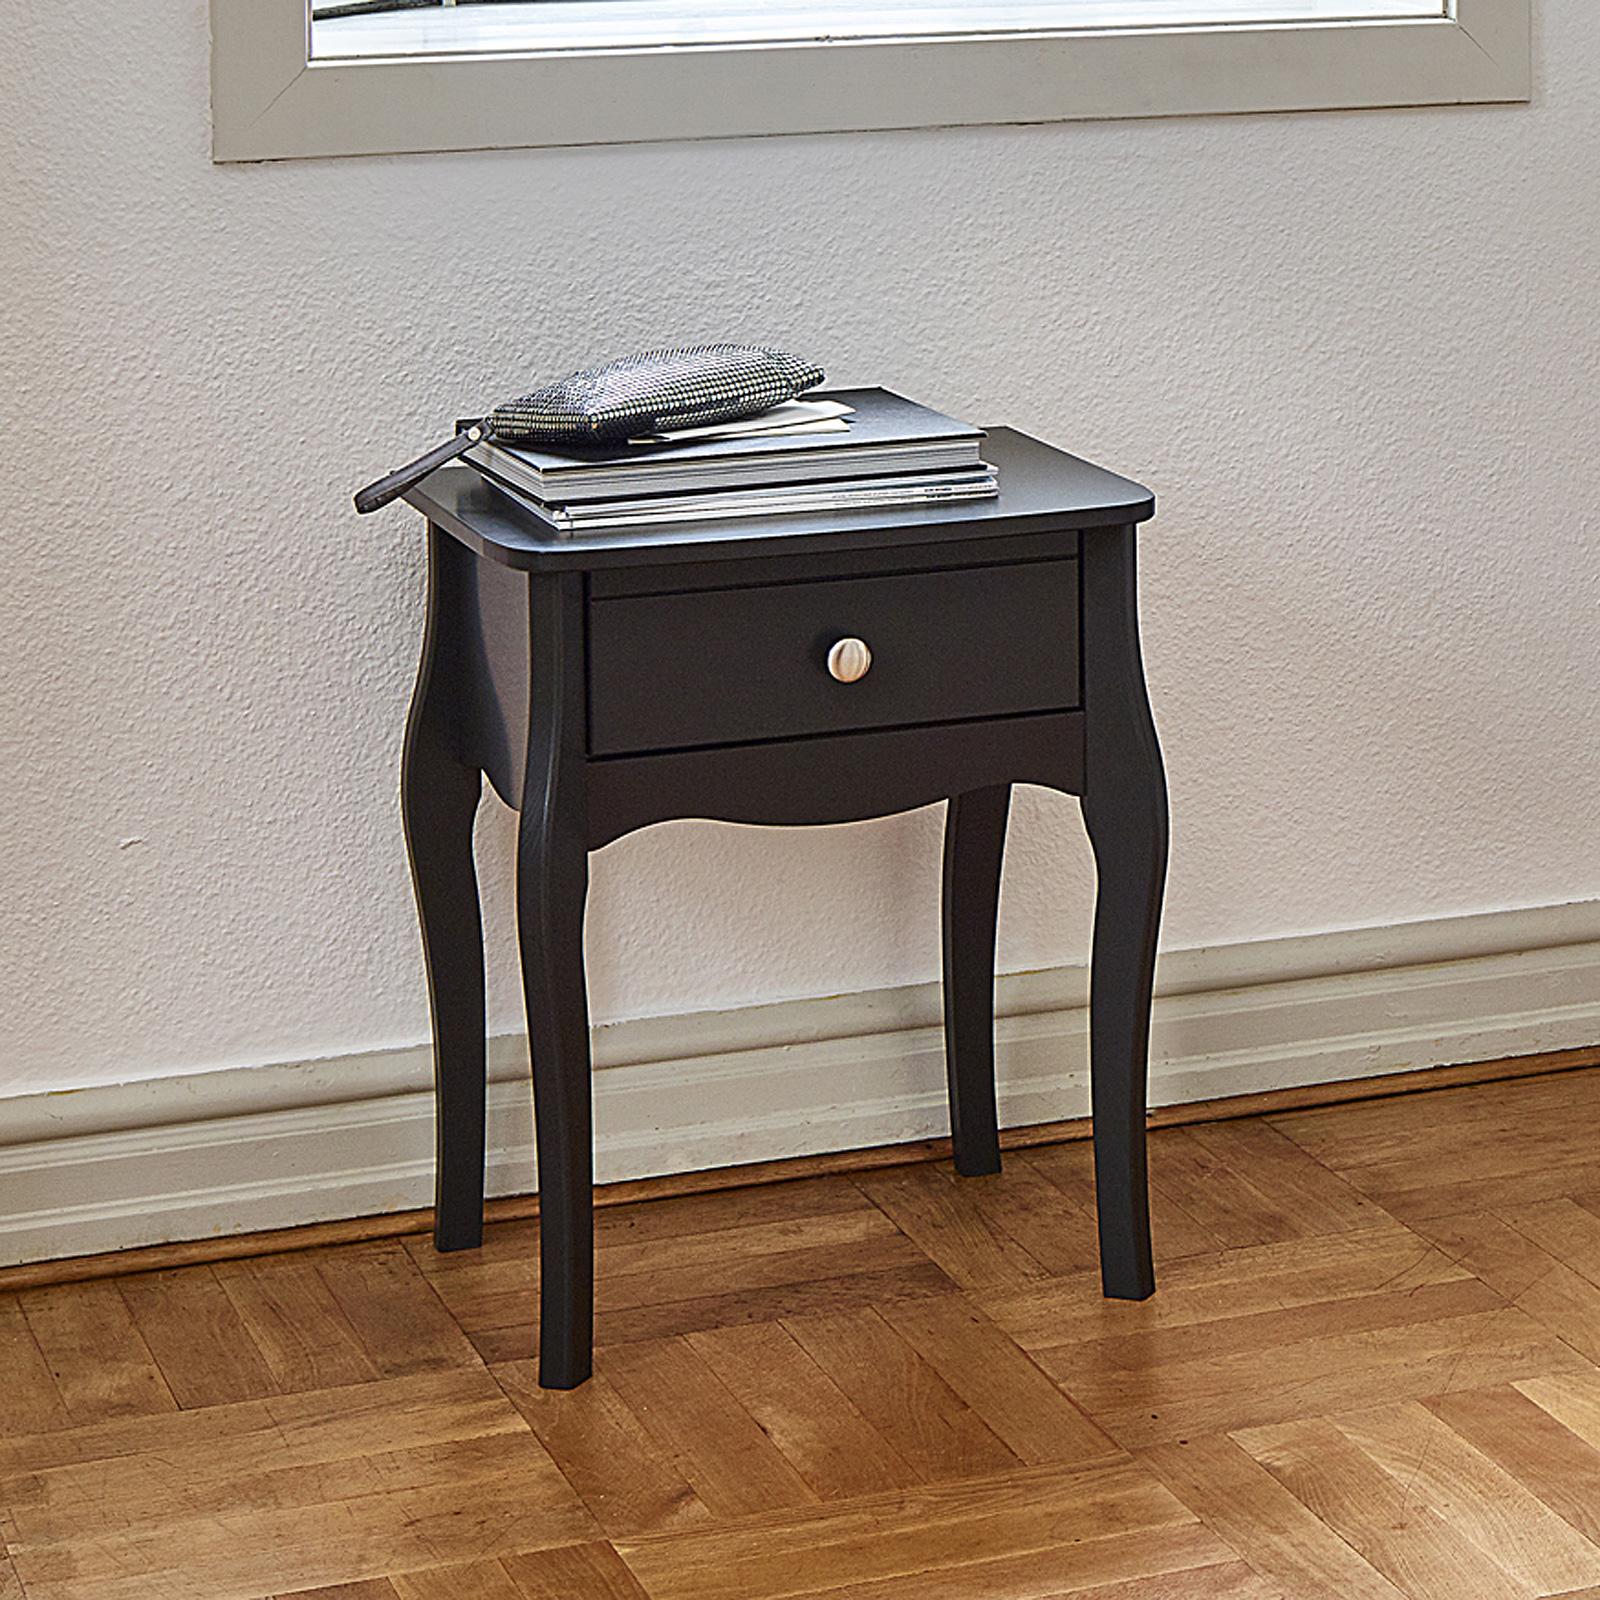 Nachttisch kommode frisiertisch baroque mdf schwarz braun - Frisiertisch schwarz ...